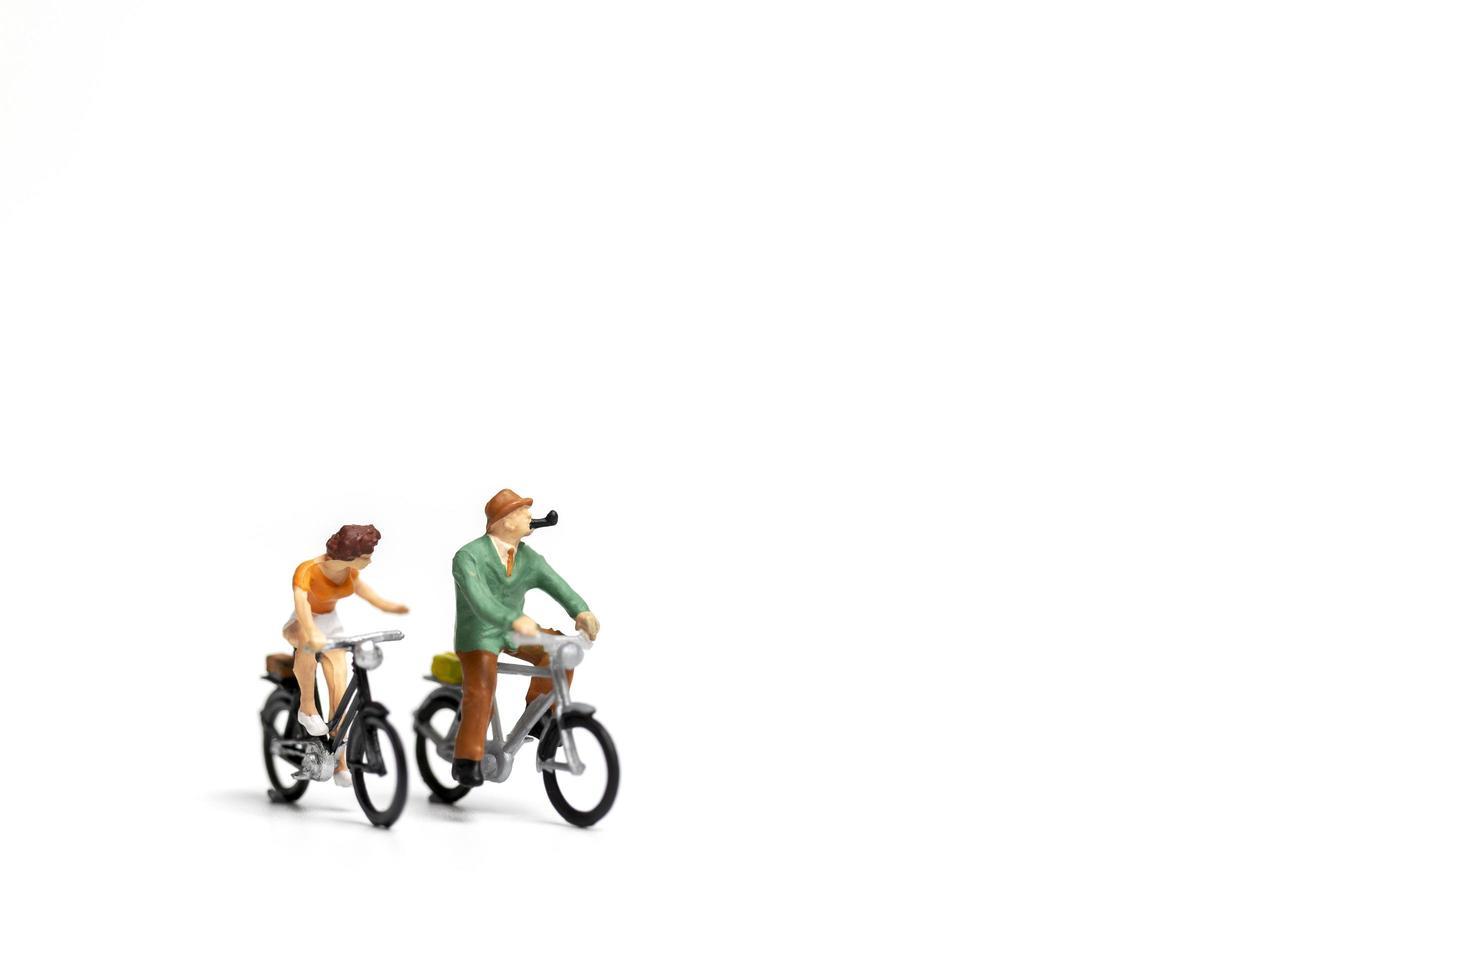 miniatyrpar som cyklar på en vit bakgrund, alla hjärtans dagskoncept foto